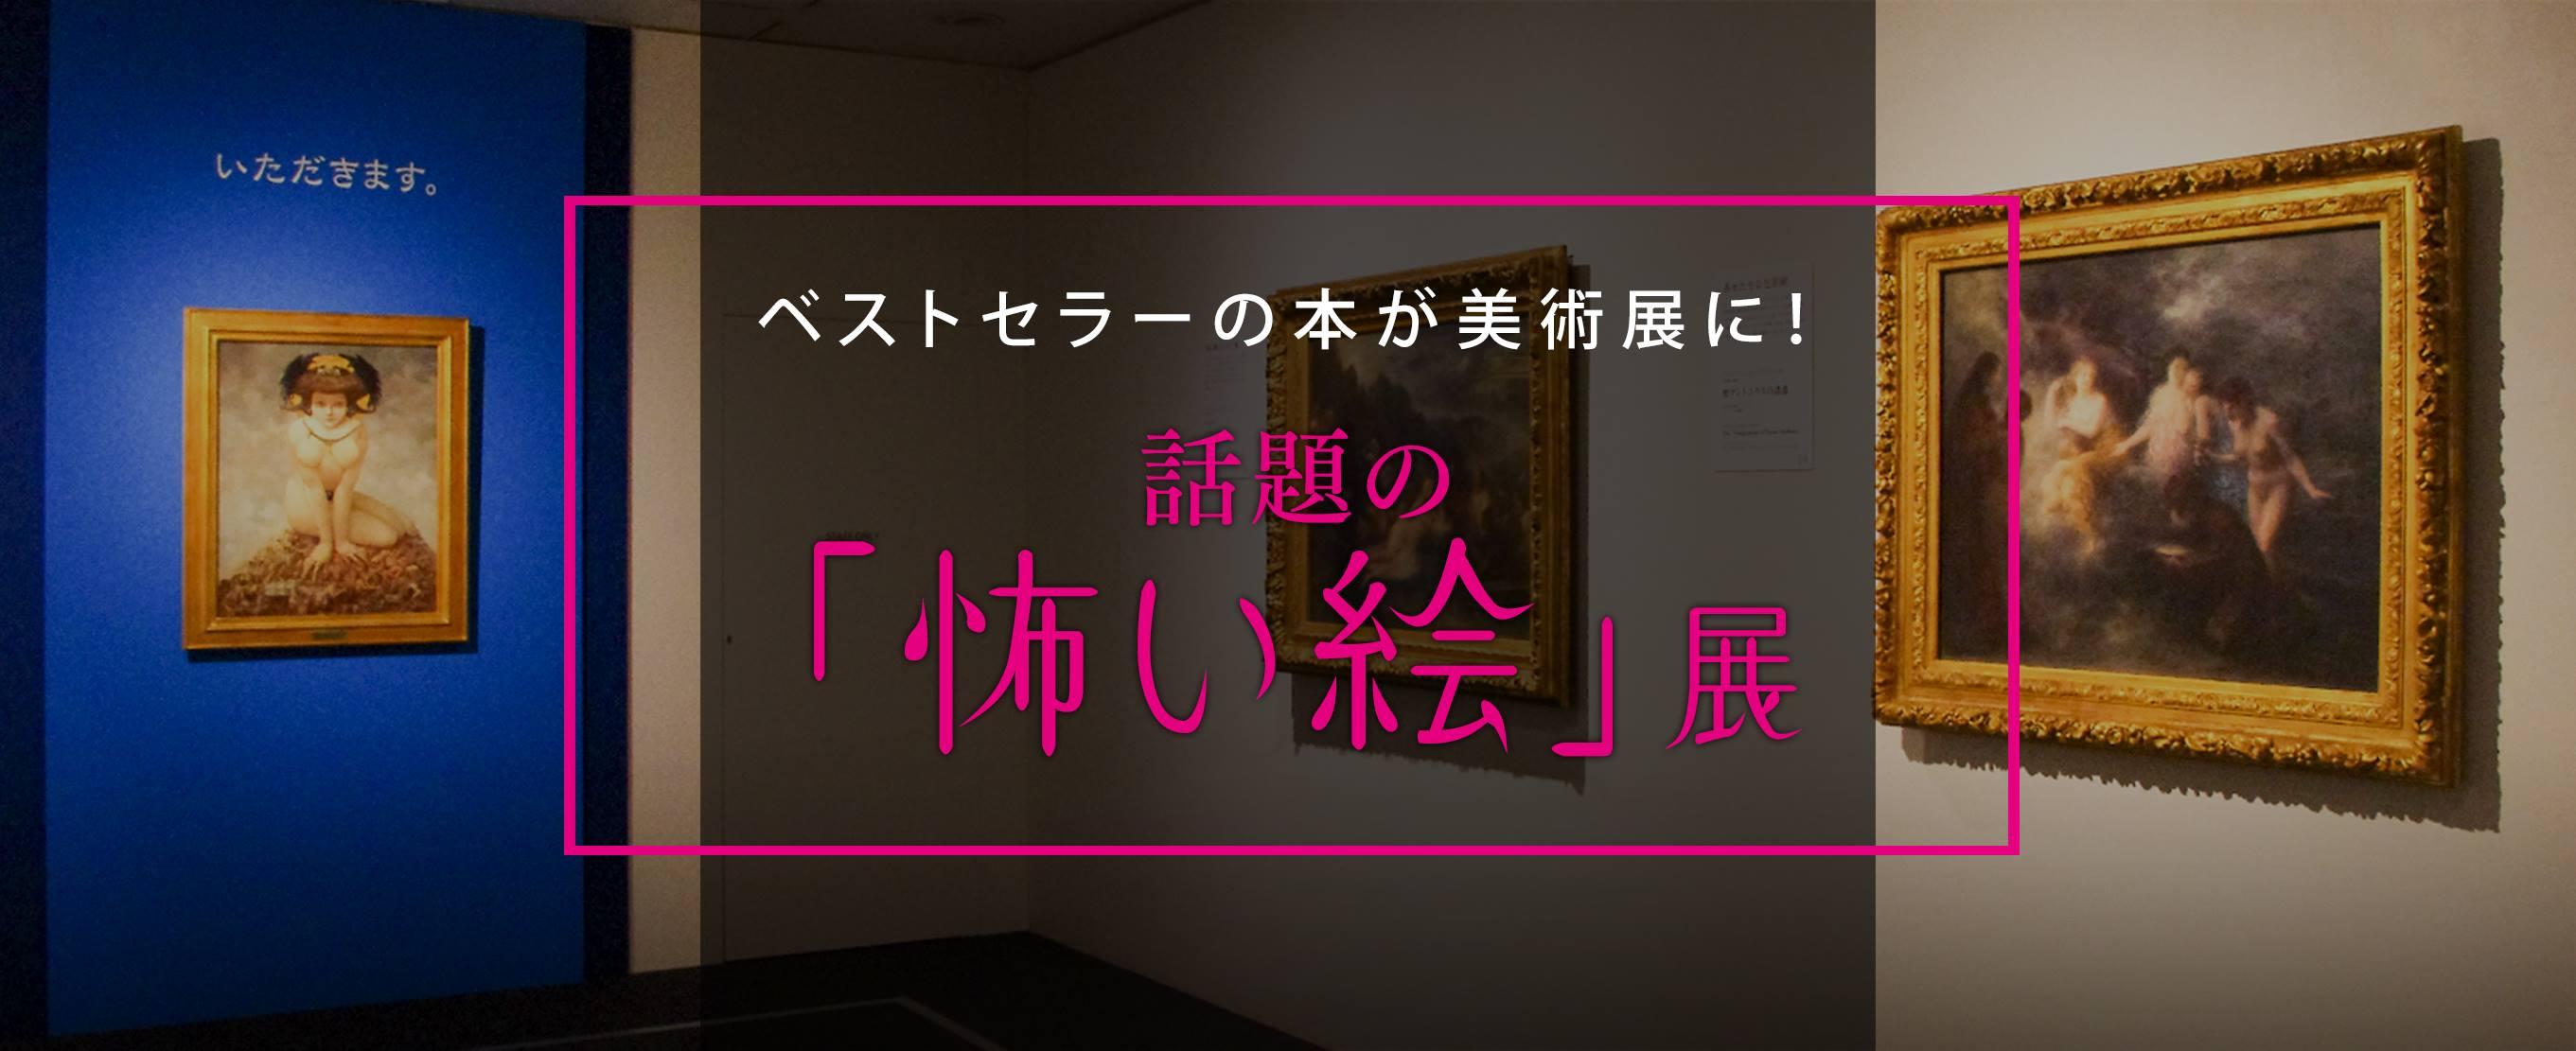 ベストセラーの本が美術展に!話題の「怖い絵」展